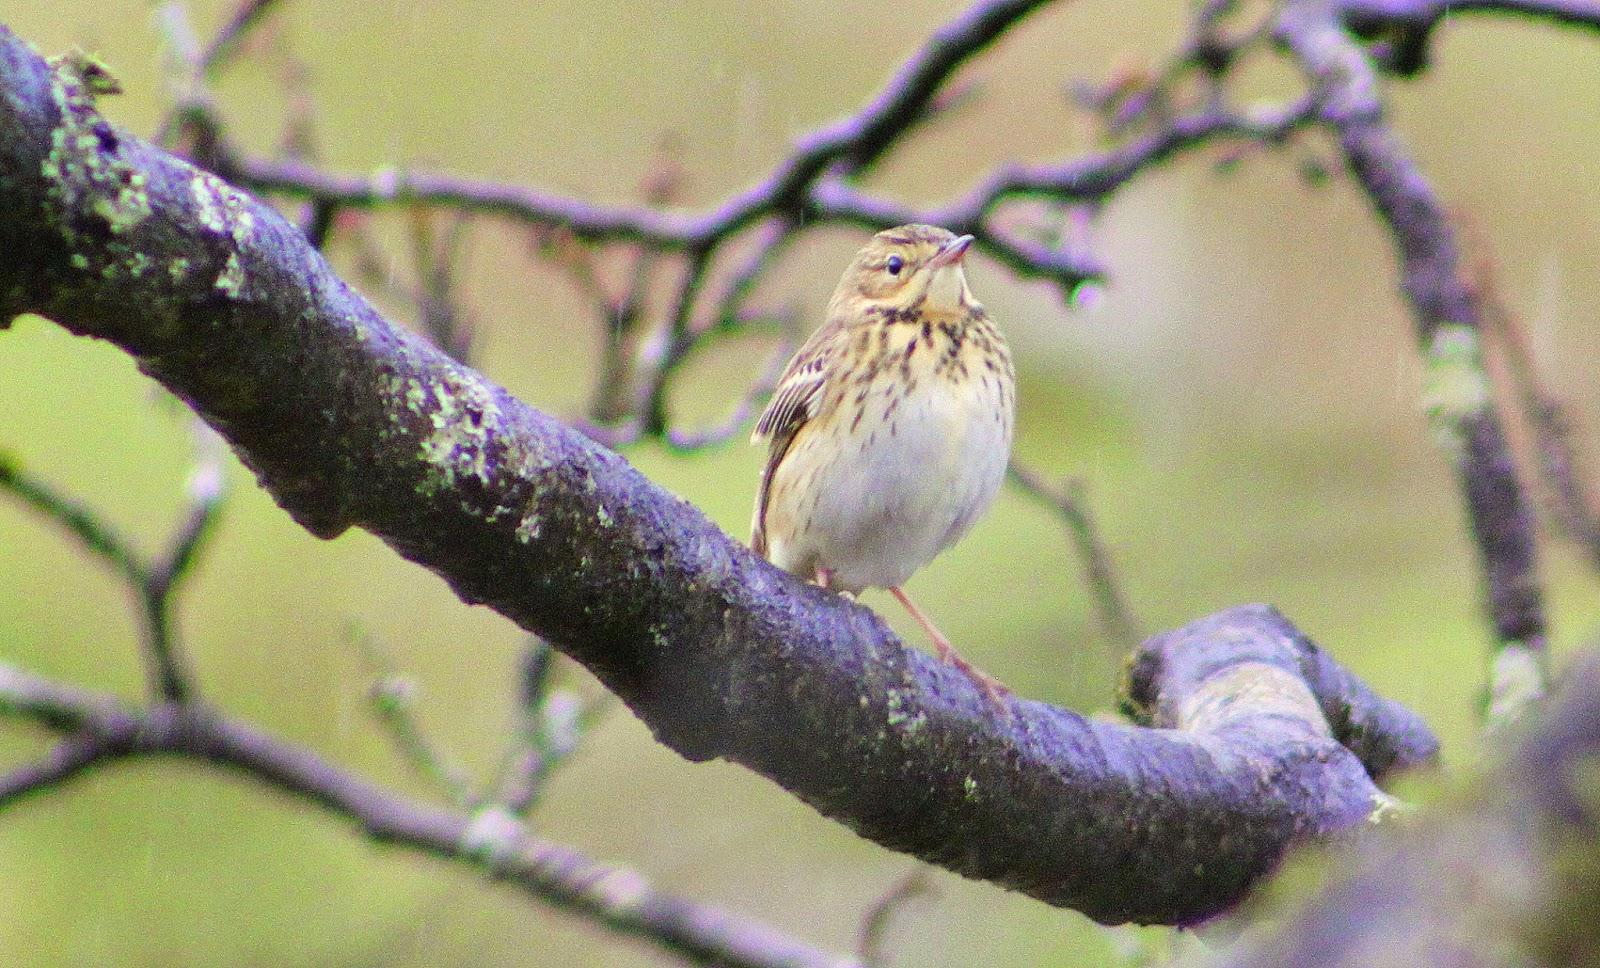 M Hogan Glamorgan 3 Valleys Birding: Cwm...